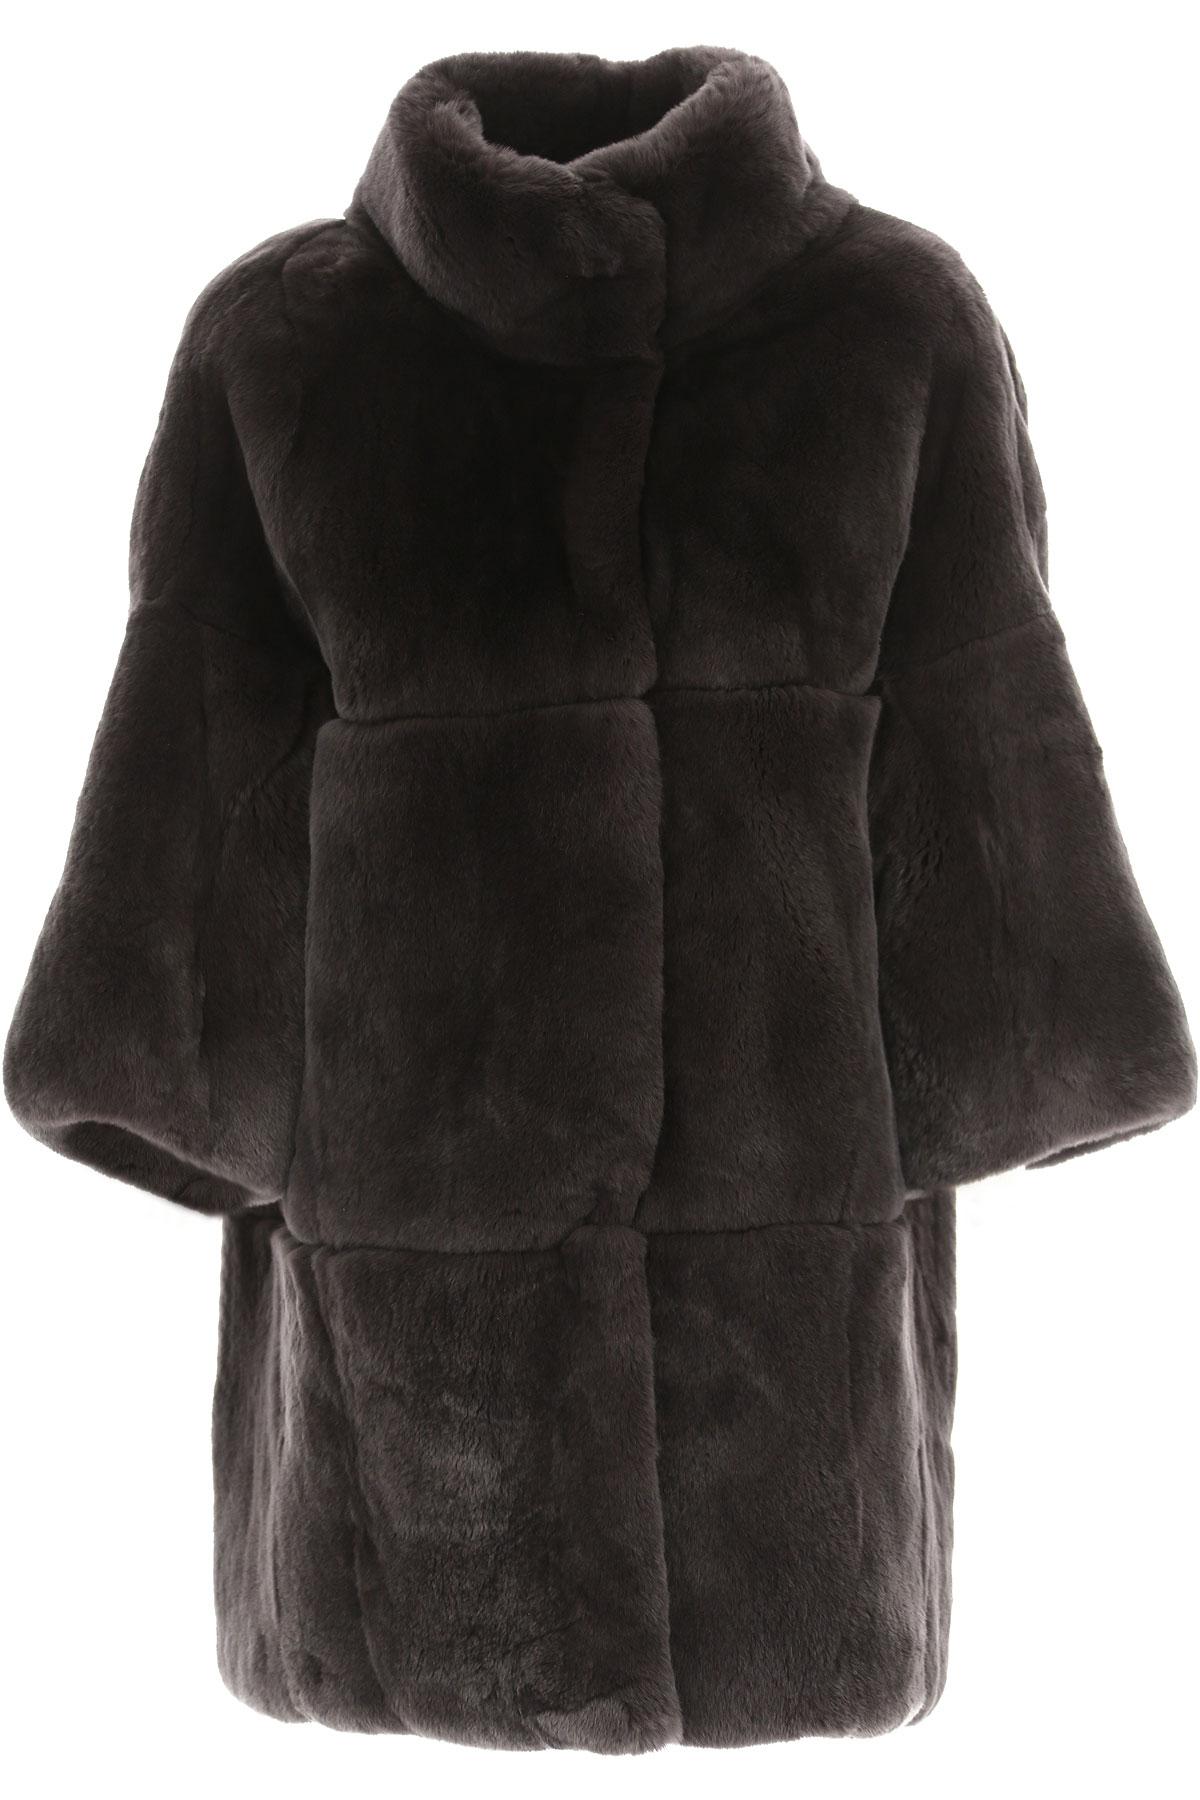 Image of S.W.O.R.D Women\'s Coat, Black, Fur, 2017, FR 34 • IT 38 FR 36 • IT 40 FR 38 • IT 42 FR 40 • IT 44